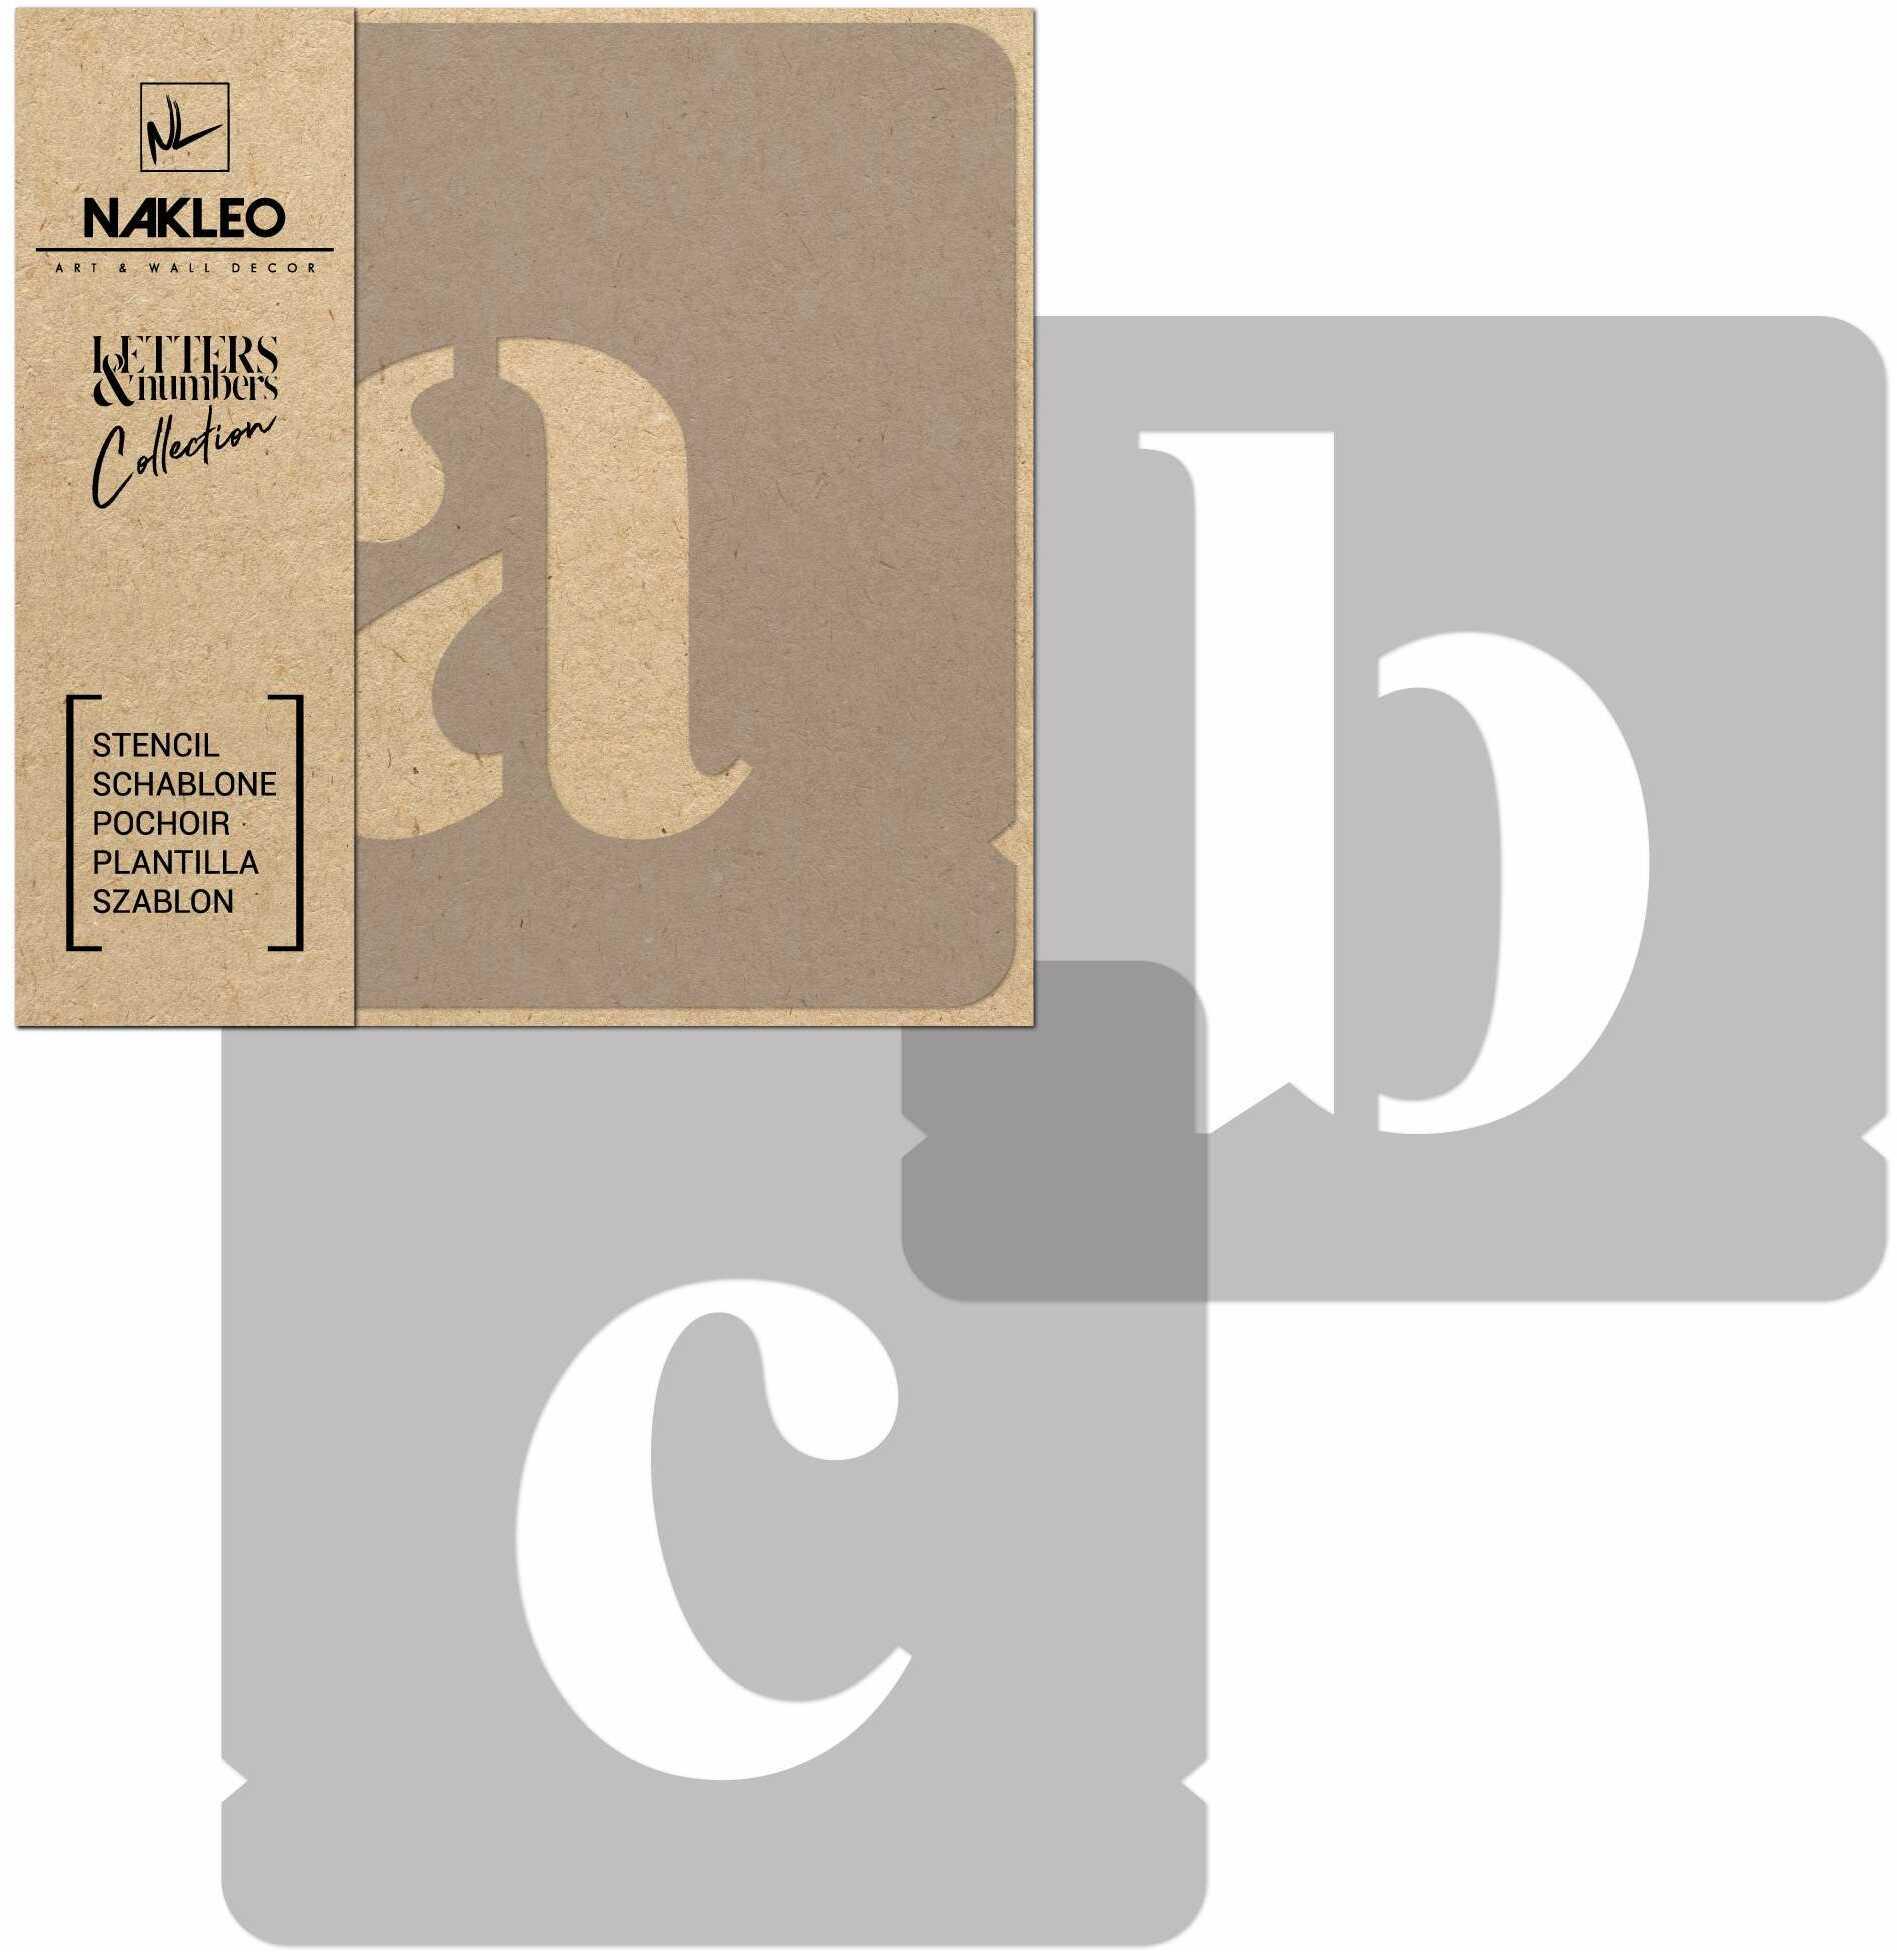 szablon malarski wielokrotny // litery i cyfry 50 mm // Times Roman Małe